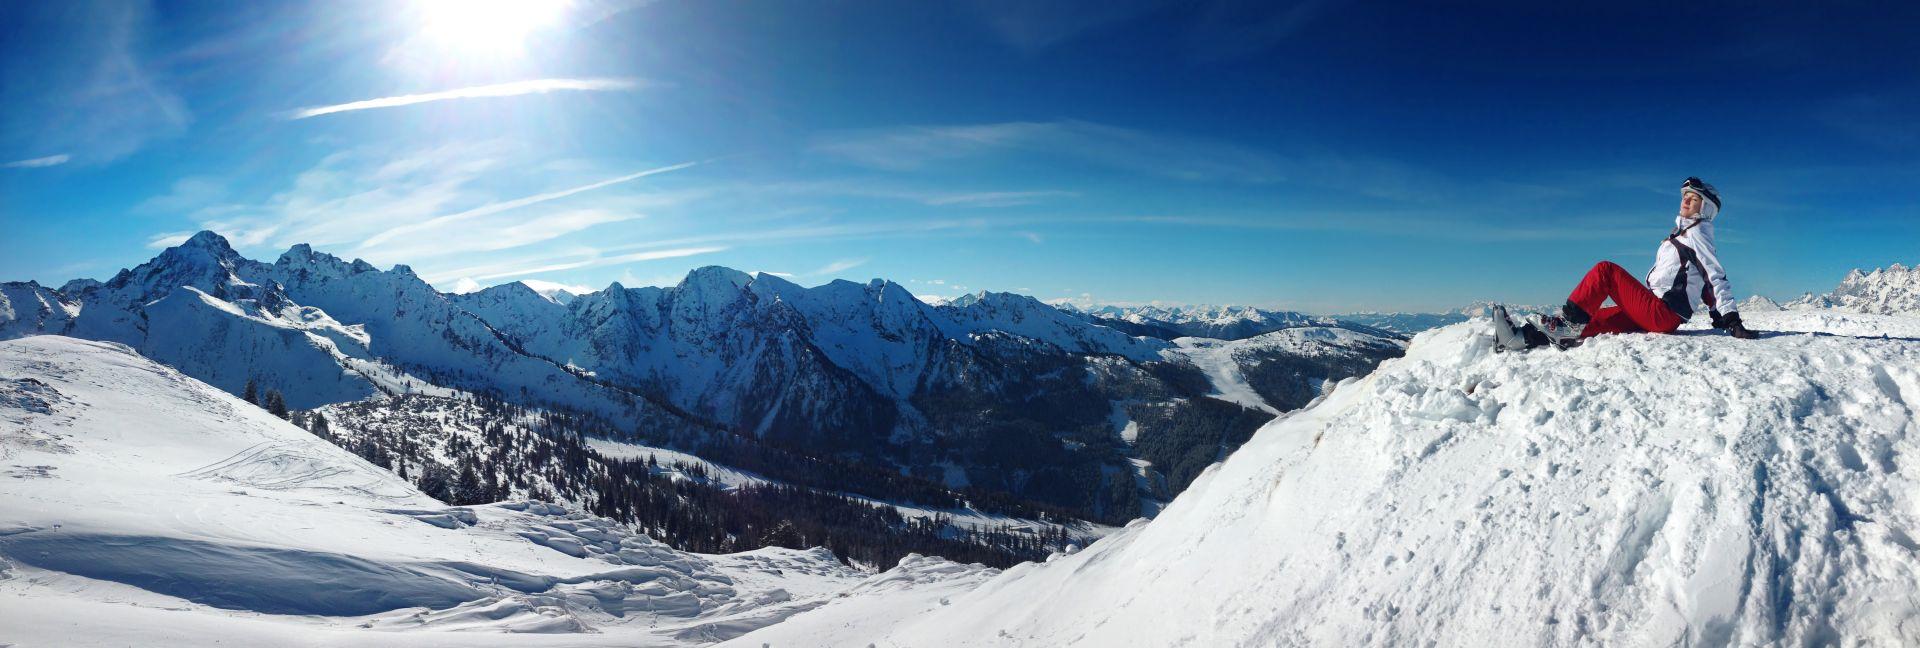 lyžování v rocky mountains